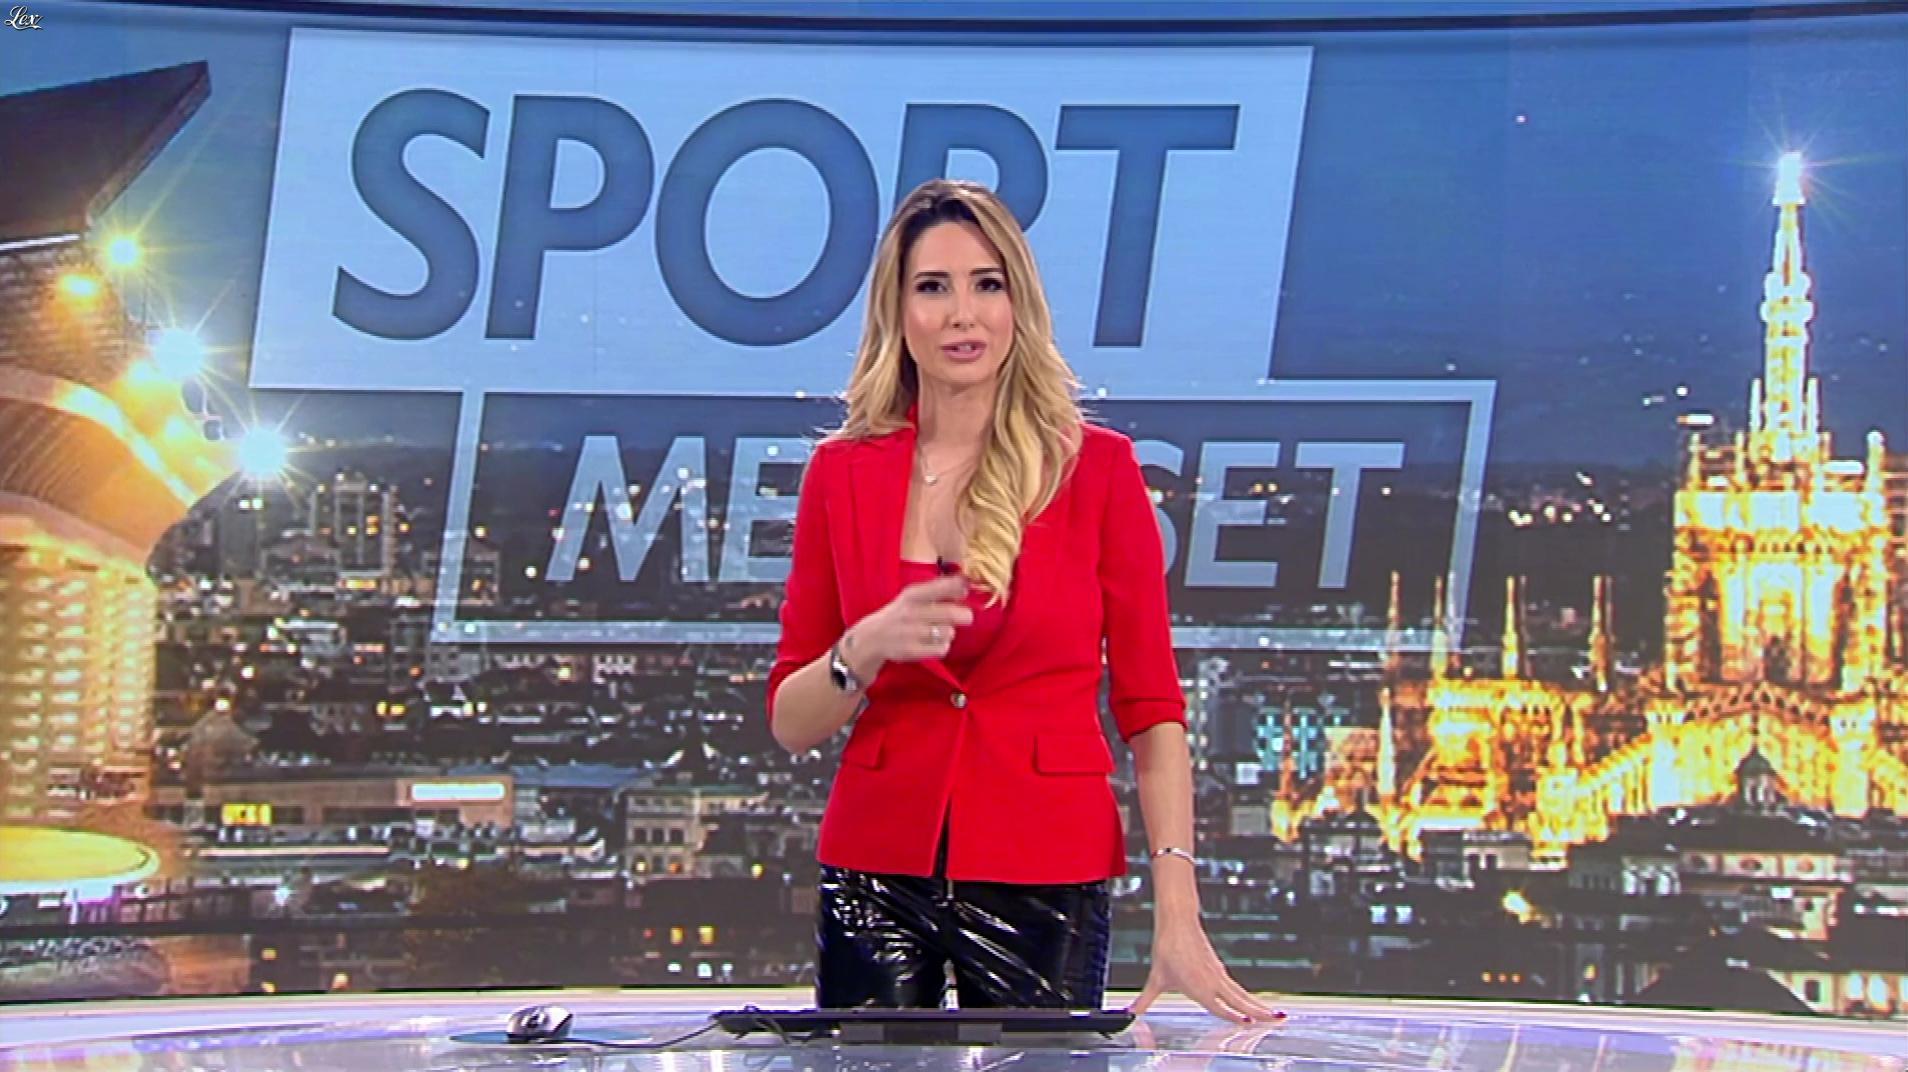 Giorgia Rossi dans Mediaset Sport. Diffusé à la télévision le 31/12/18.